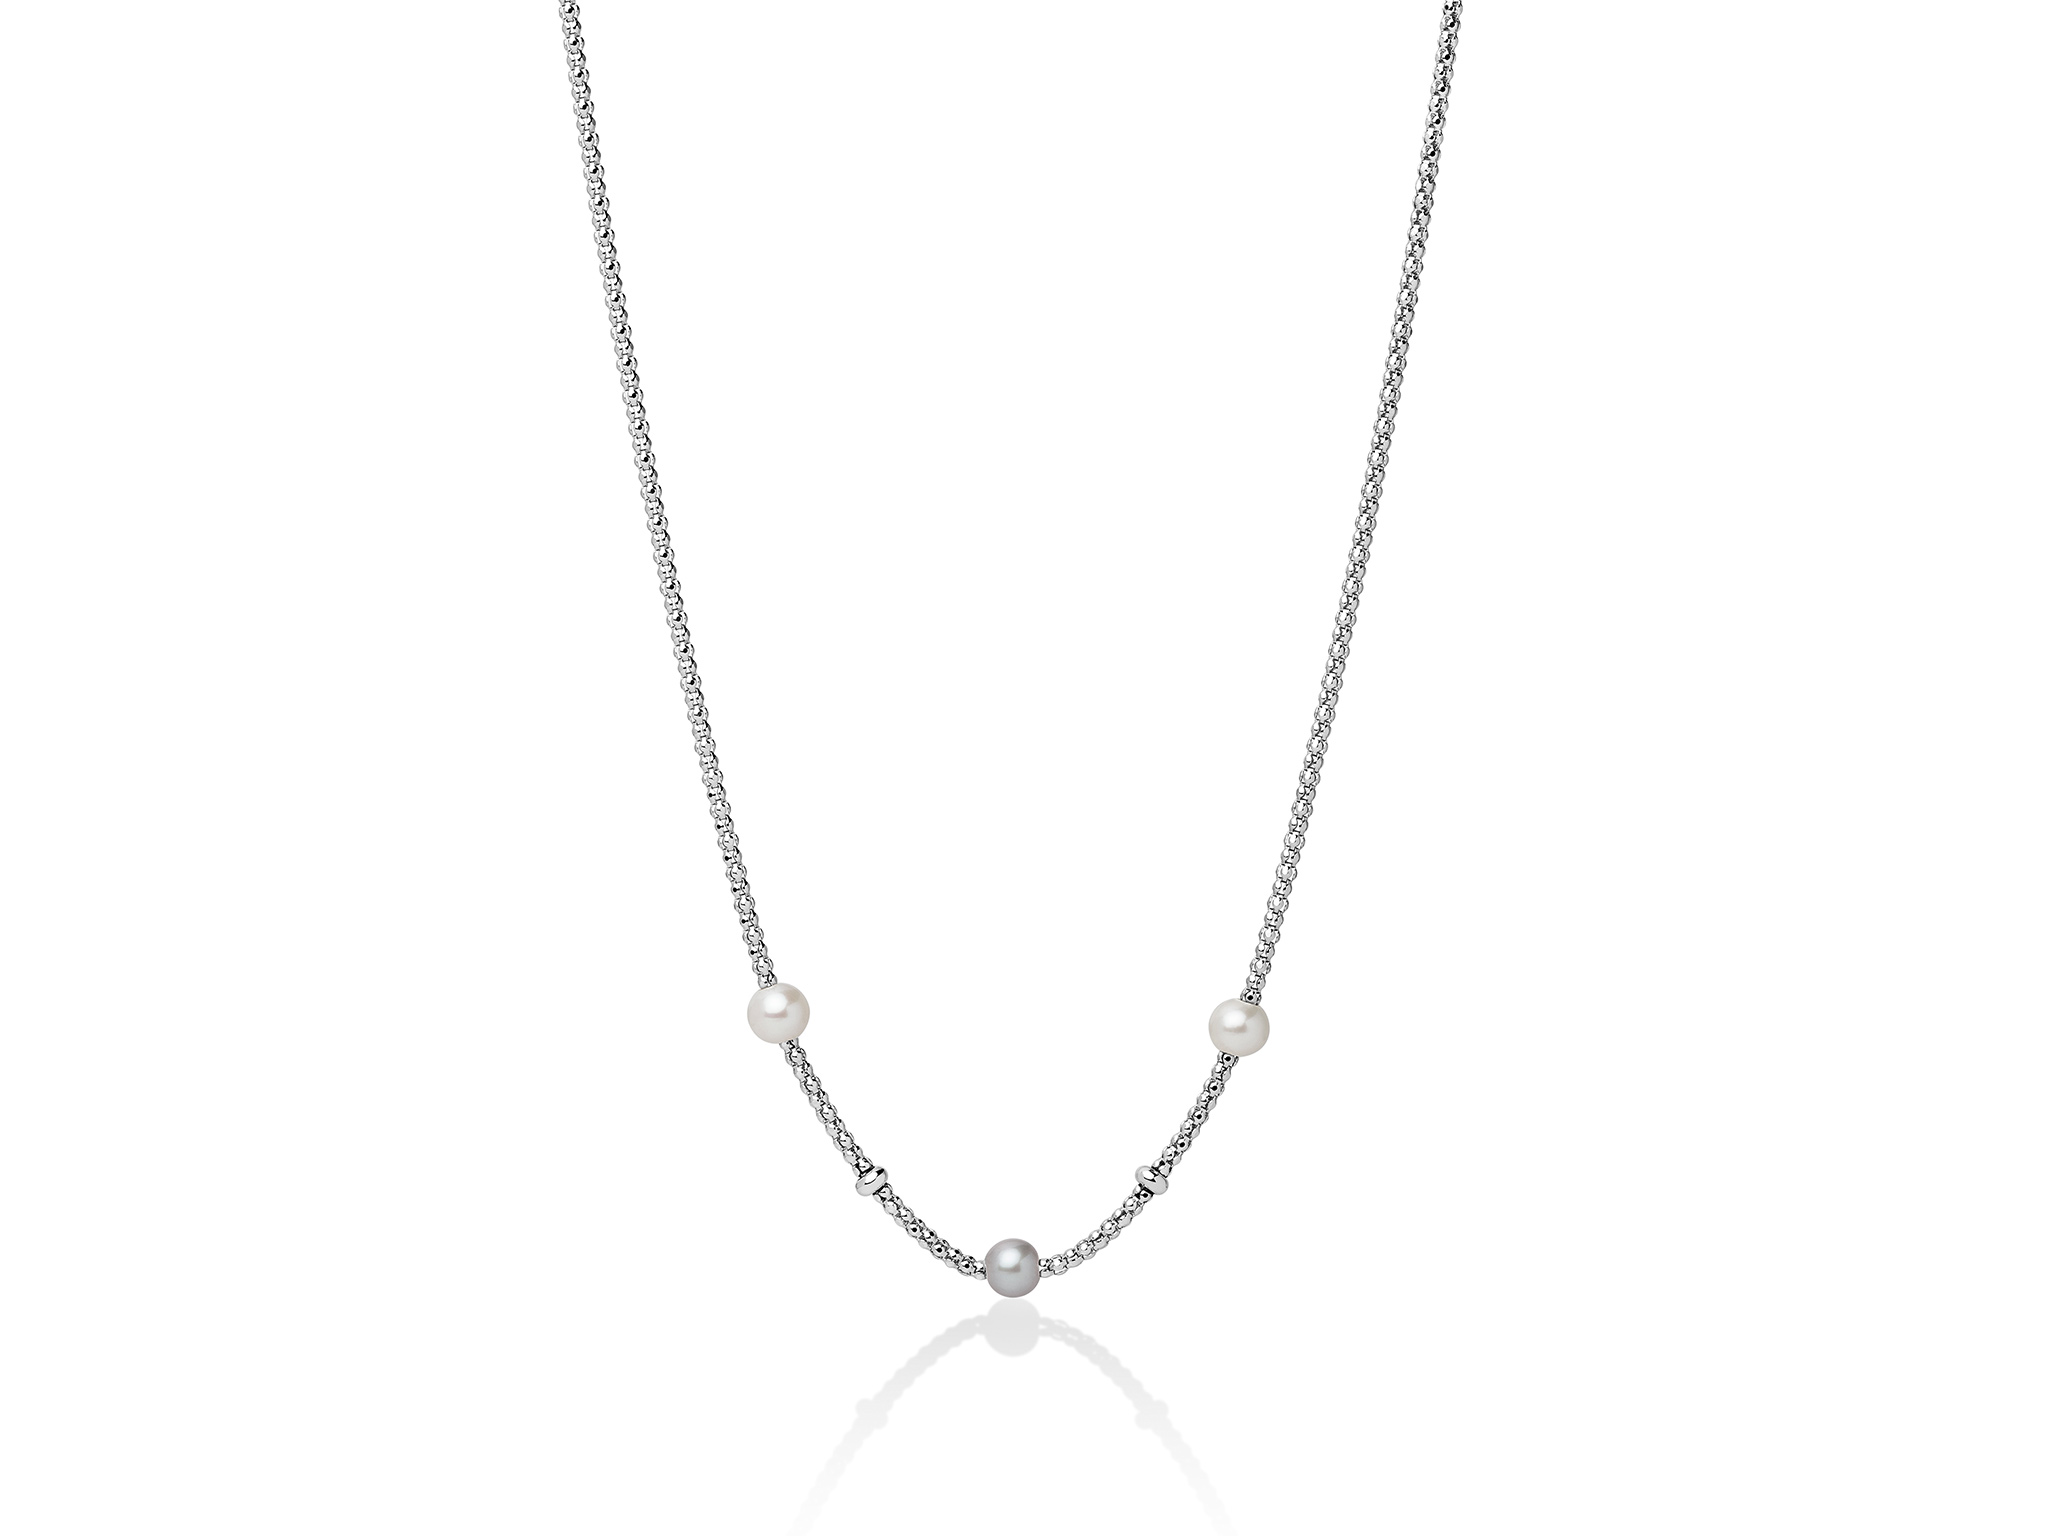 Collana con maglia coreana, in argento con tre perle - PCL5801